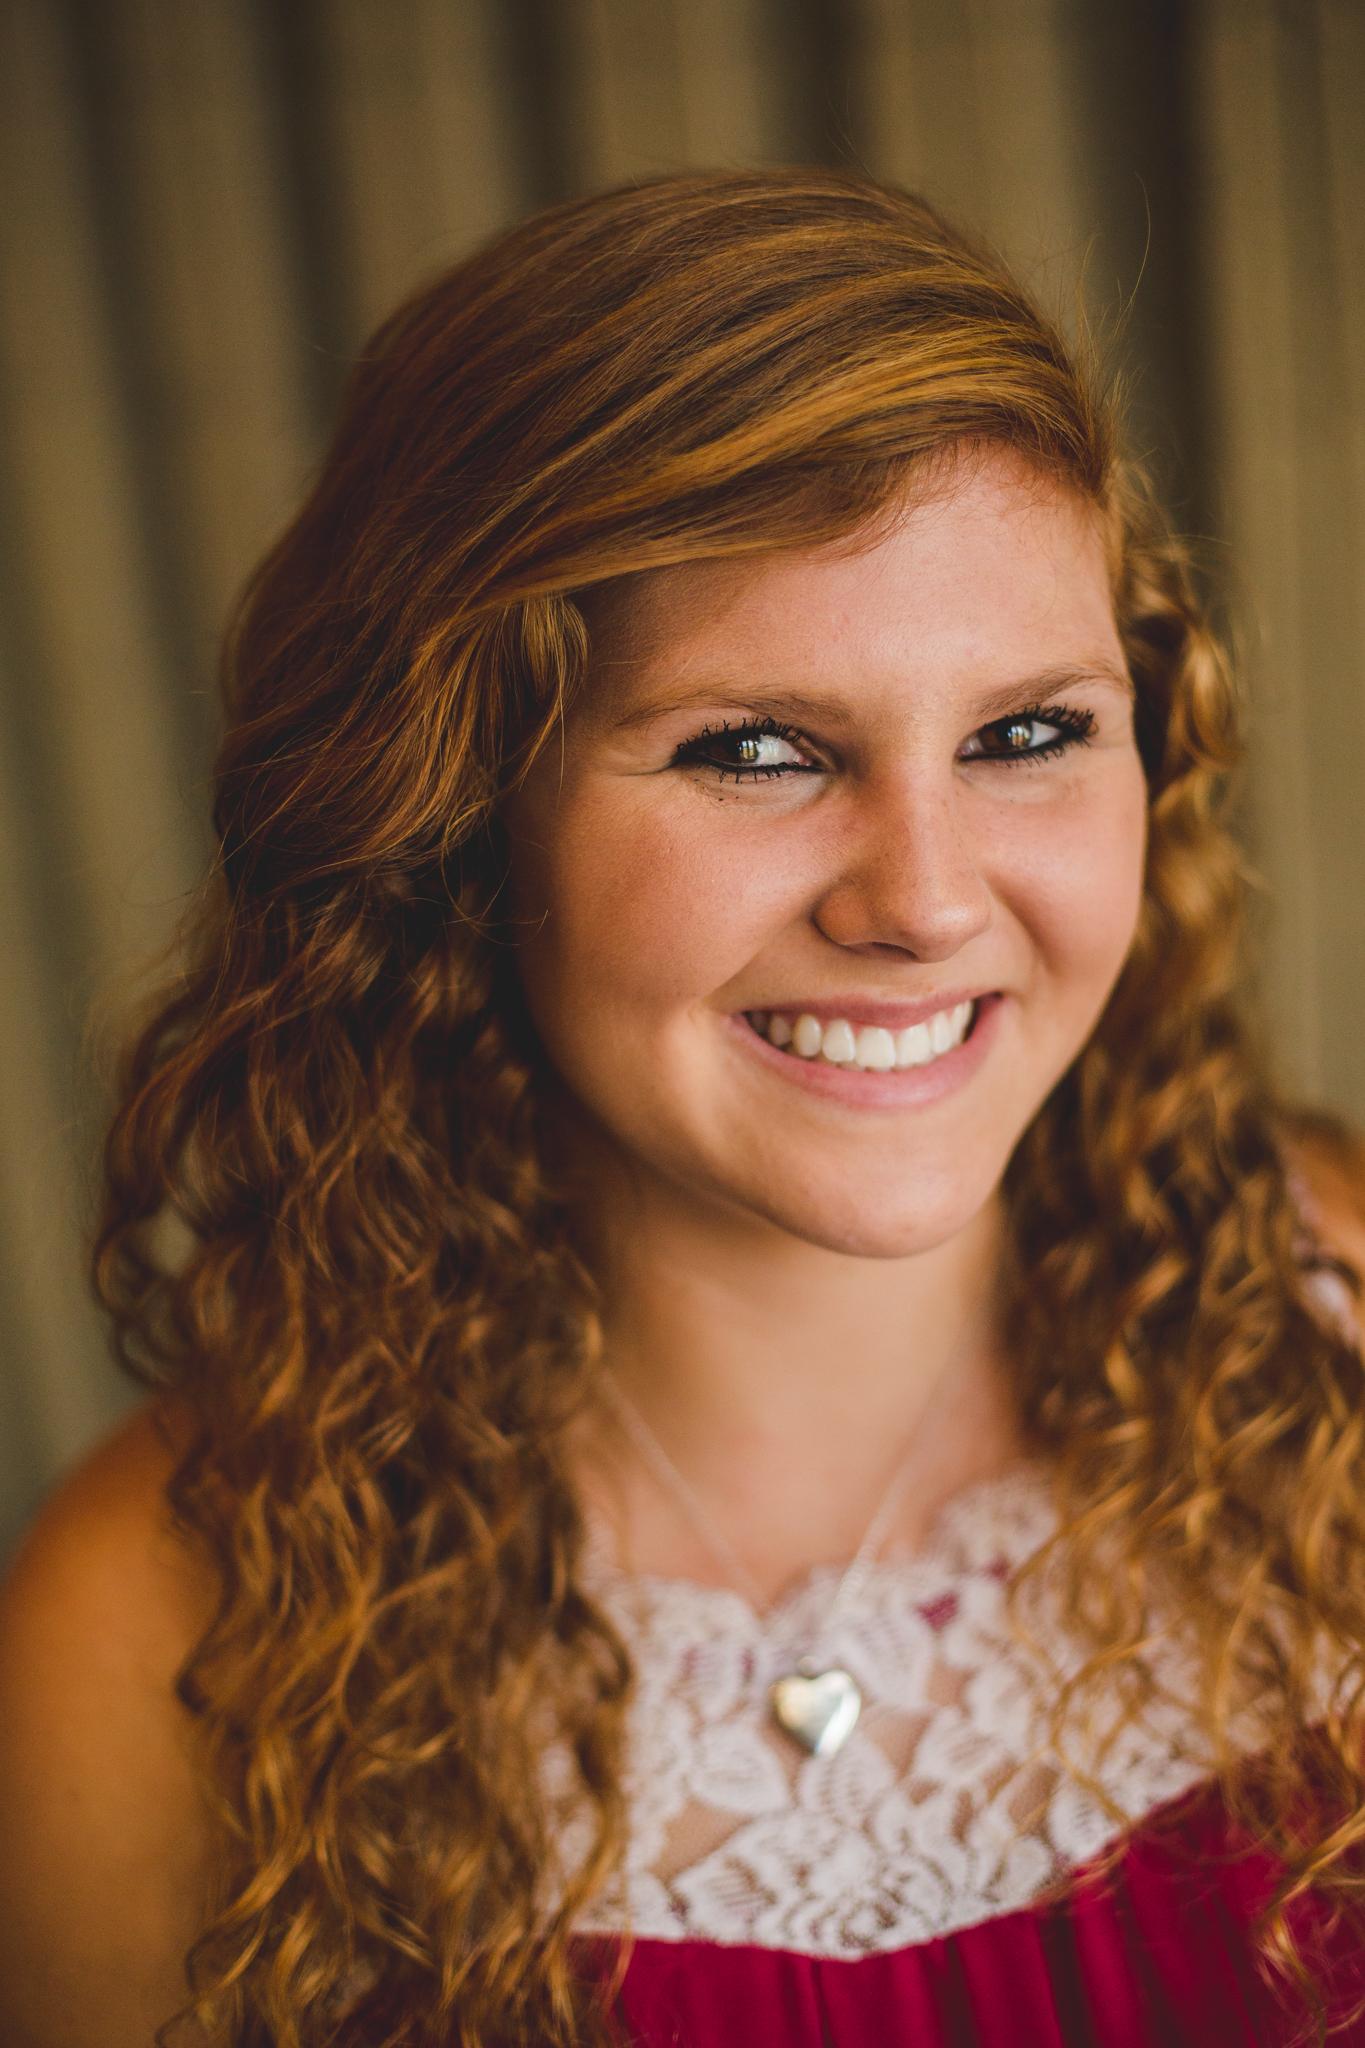 Phoenix Senior Marissa Smiles Window Light